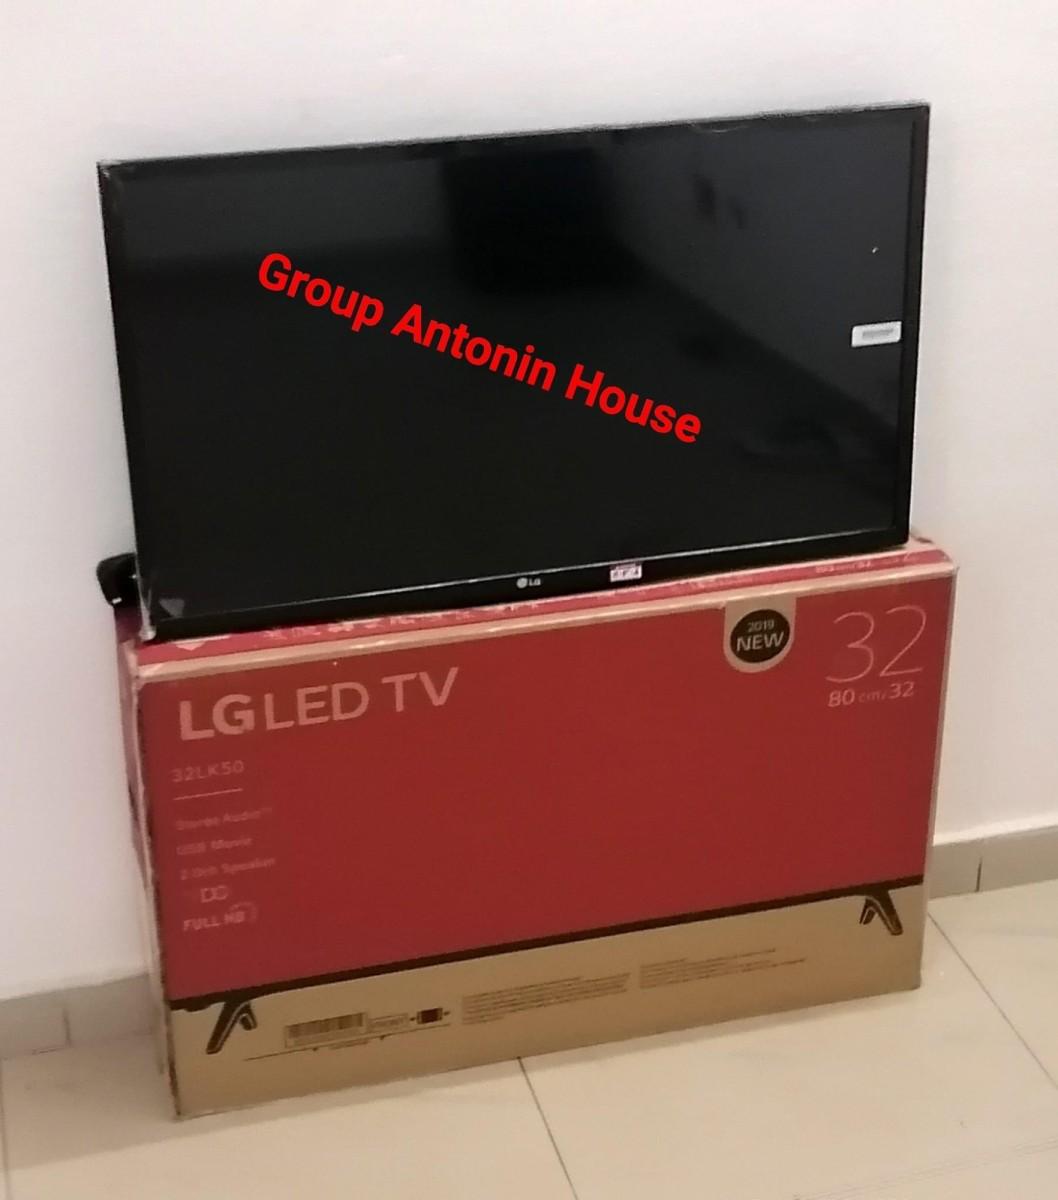 offrez-vous-des-televisions-led-full-option-smart-4k-a-des-prix-reduits-big-1